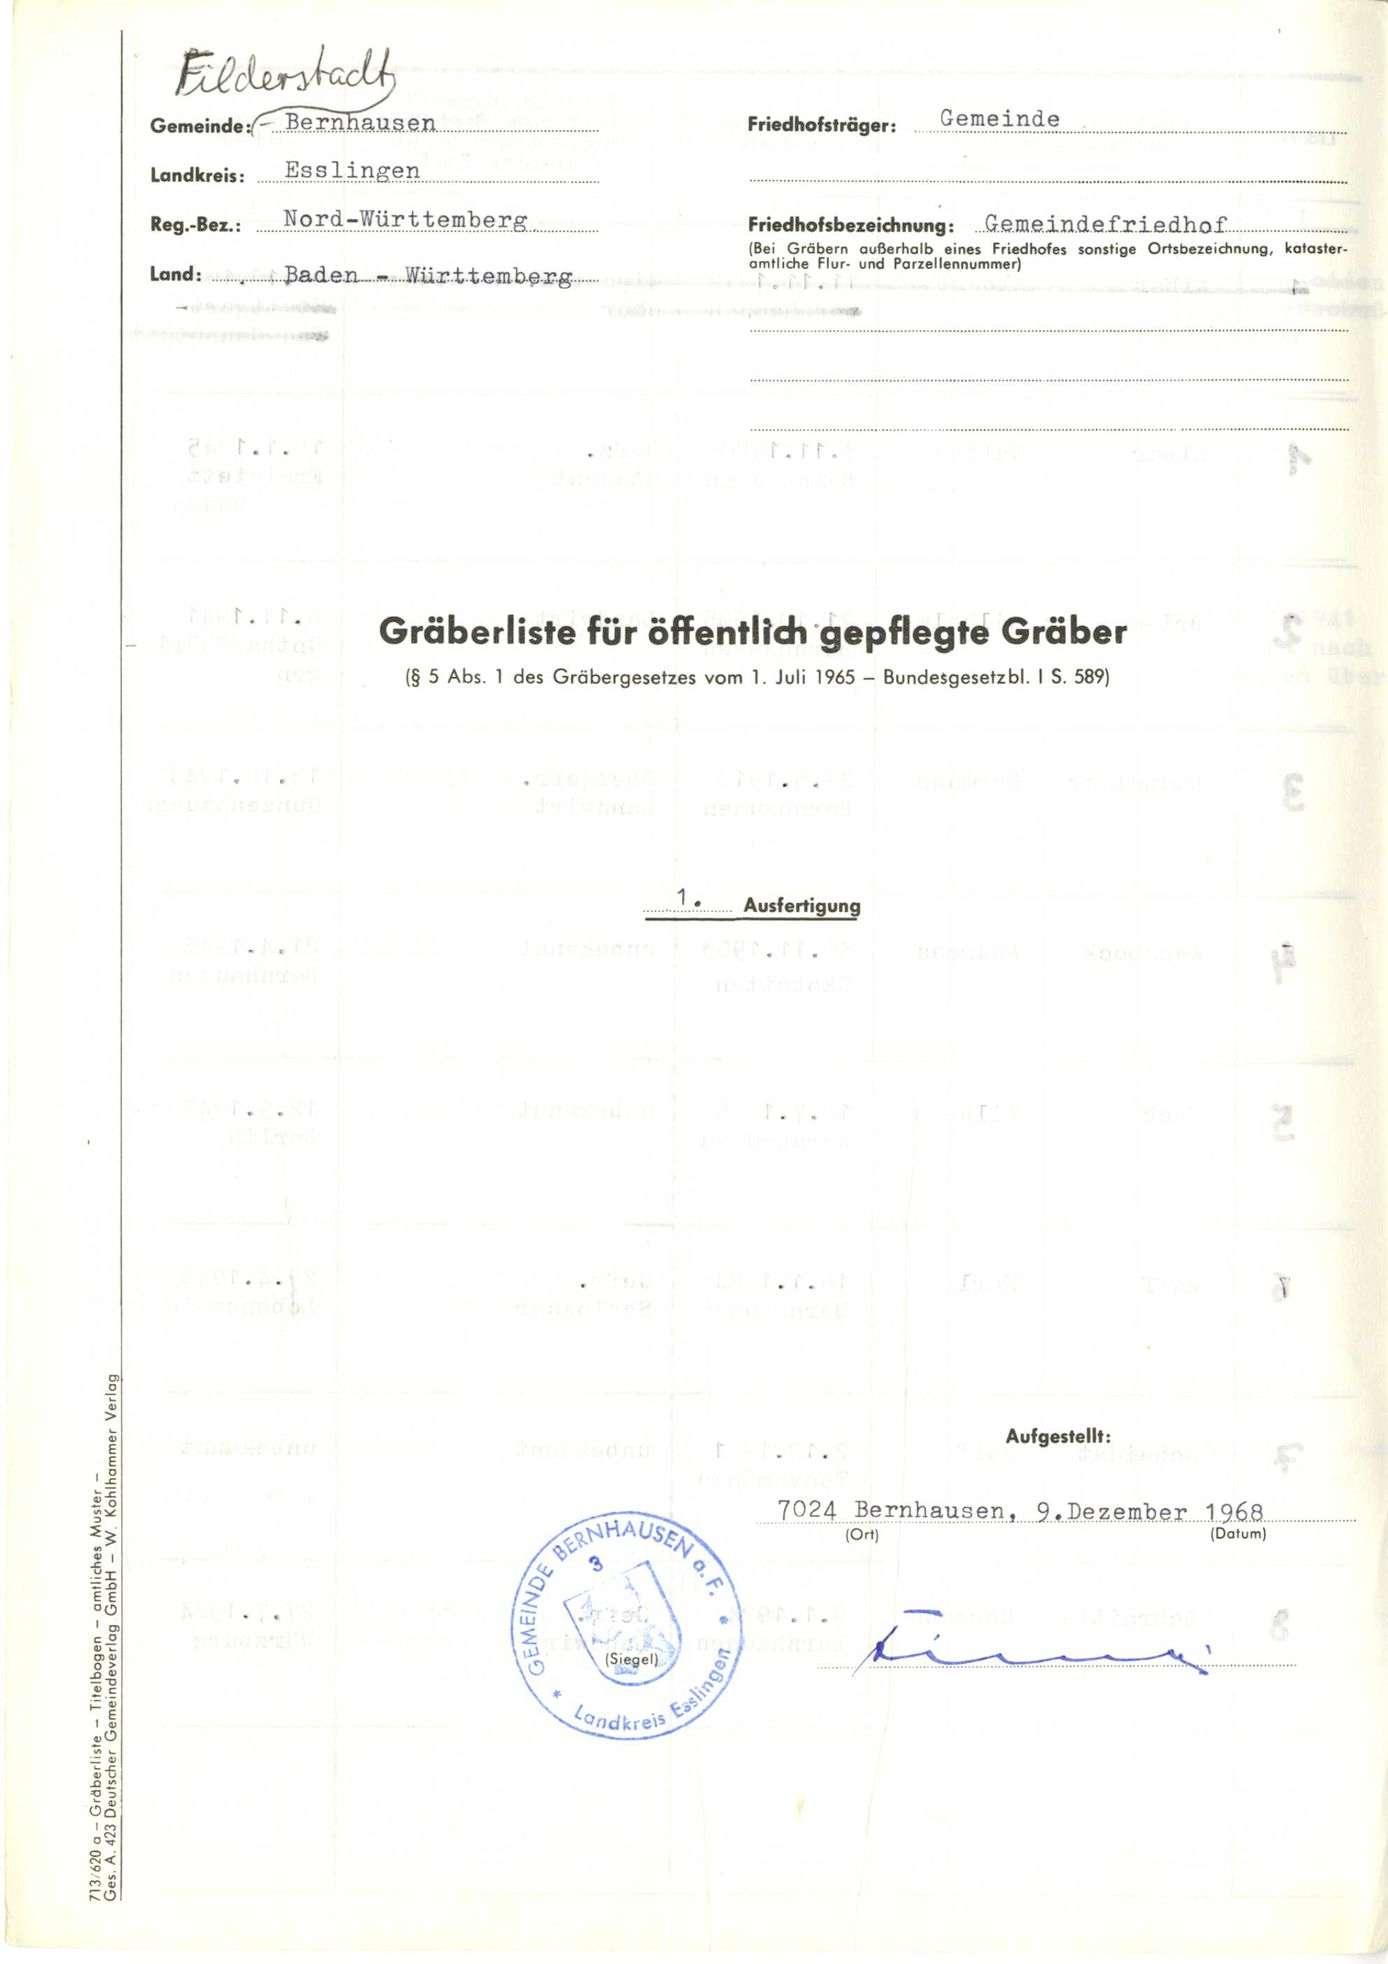 Bernhausen, Bild 1